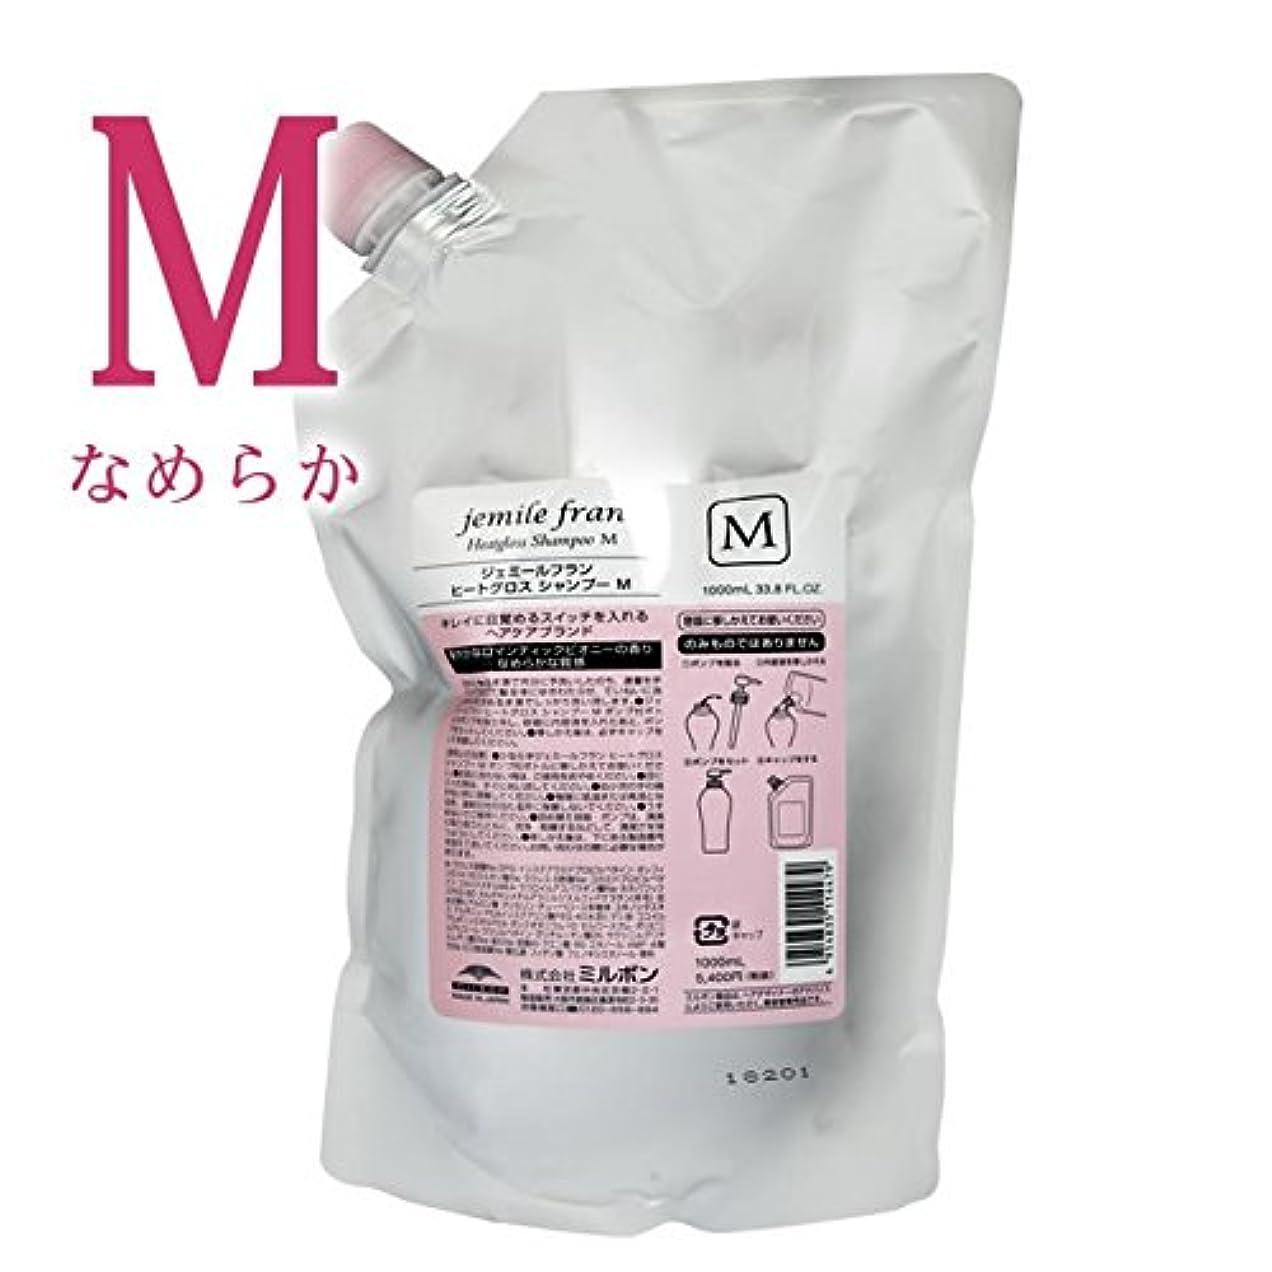 背の高いきらめき膜ミルボン|ジェミールフラン ヒートグロス シャンプーM 1000ml (詰替用)